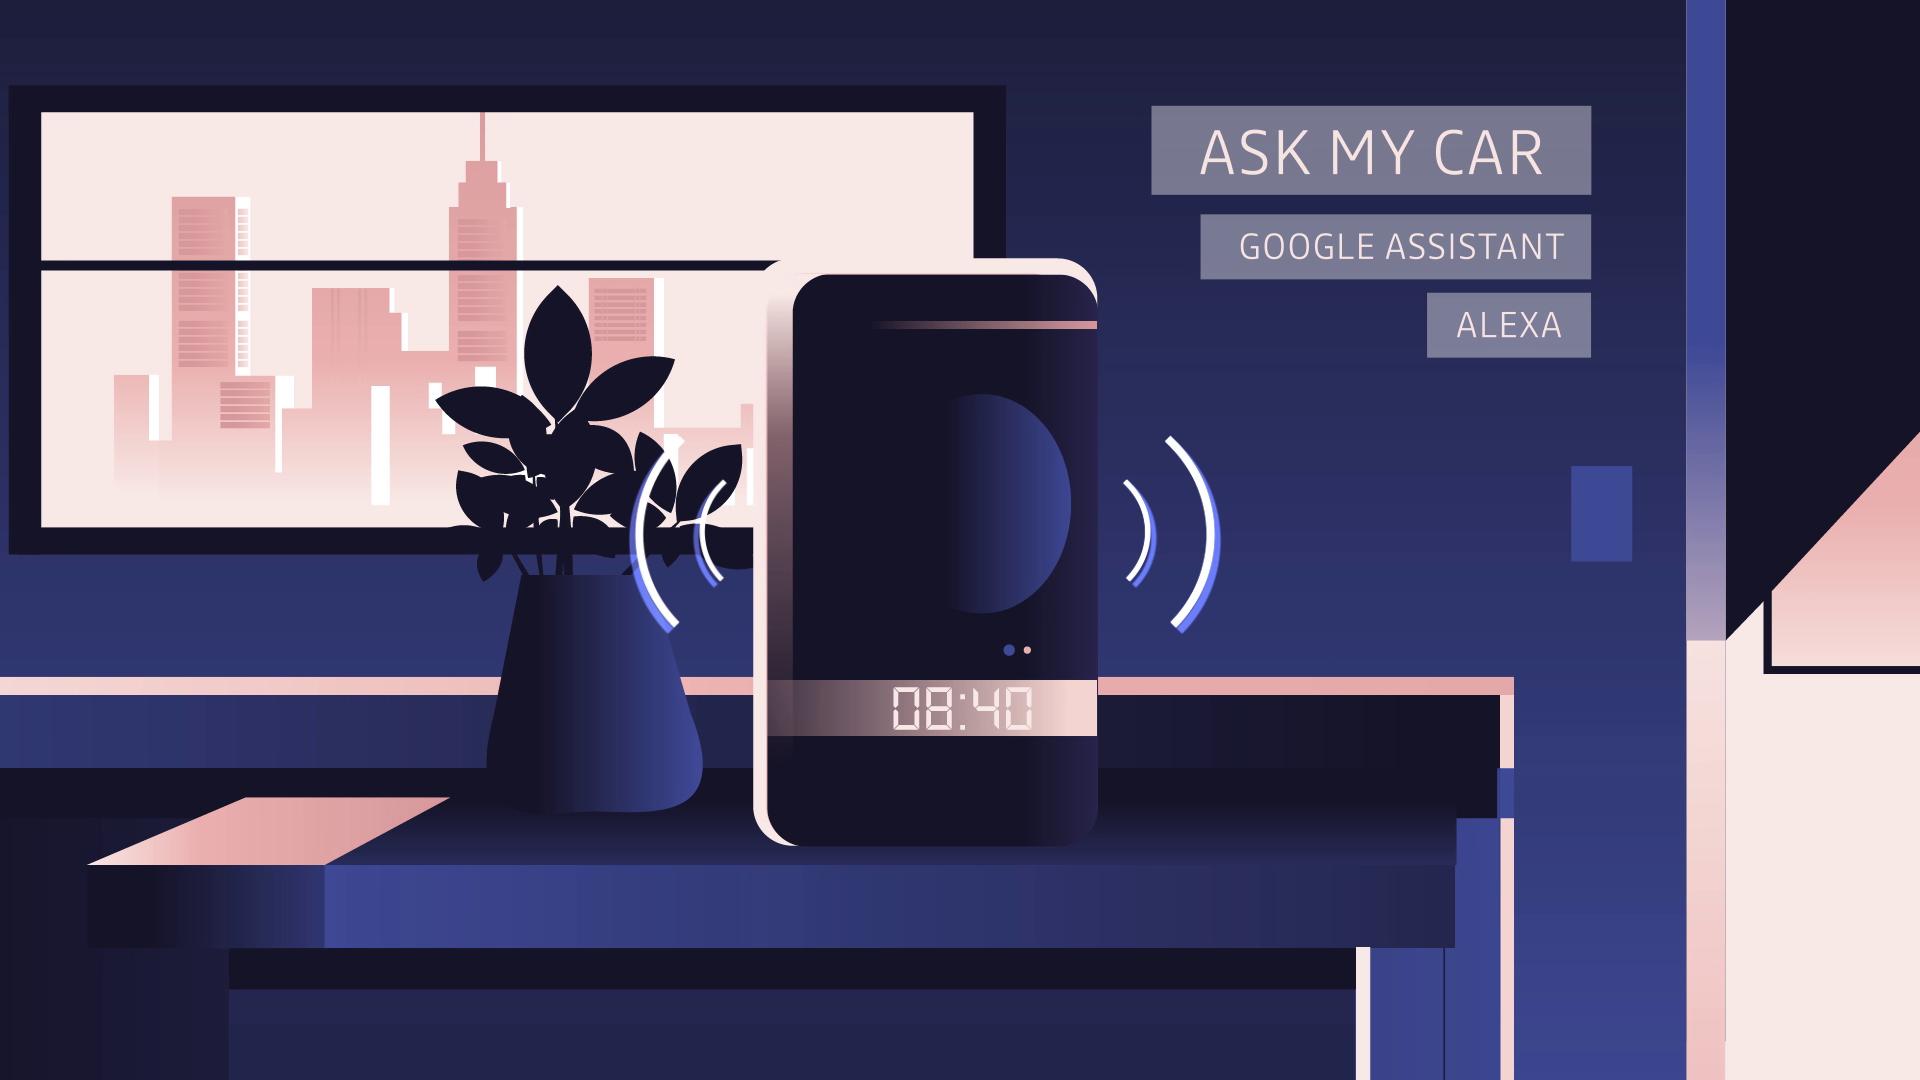 CES 2020 : Renault et Otodo connectent l'automobile à la maison via Google Assistant et Alexa